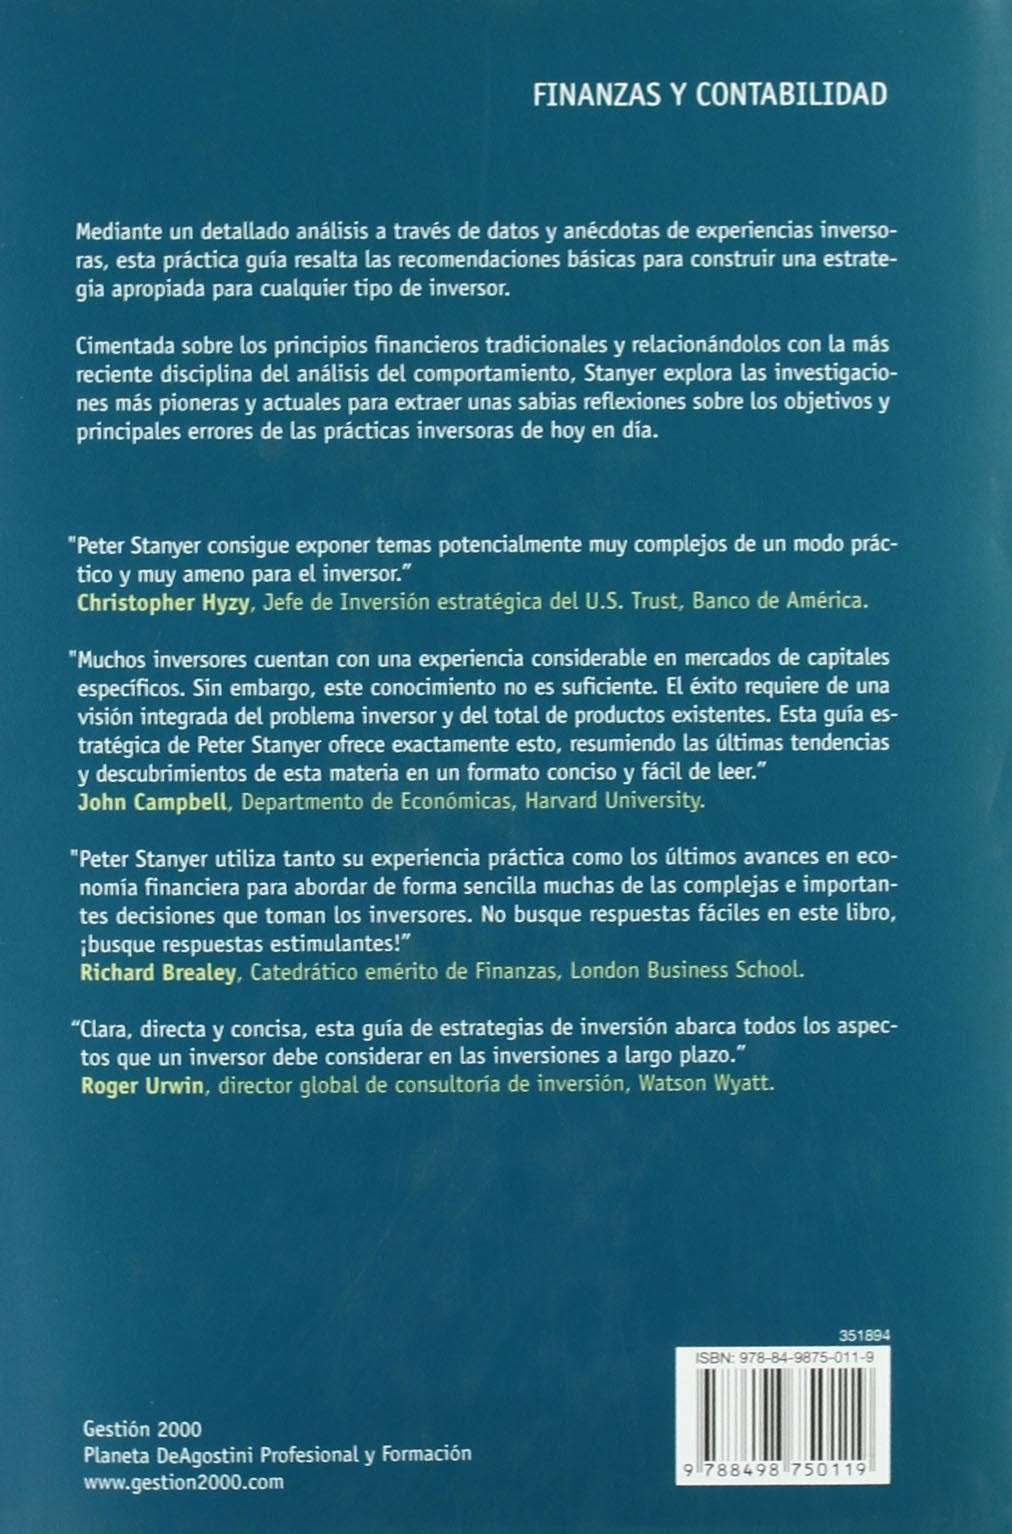 Guía de estrategias de inversión: Entender mercados, riesgos, ganancias y comportamientos: Amazon.es: Peter Stanyer: Libros